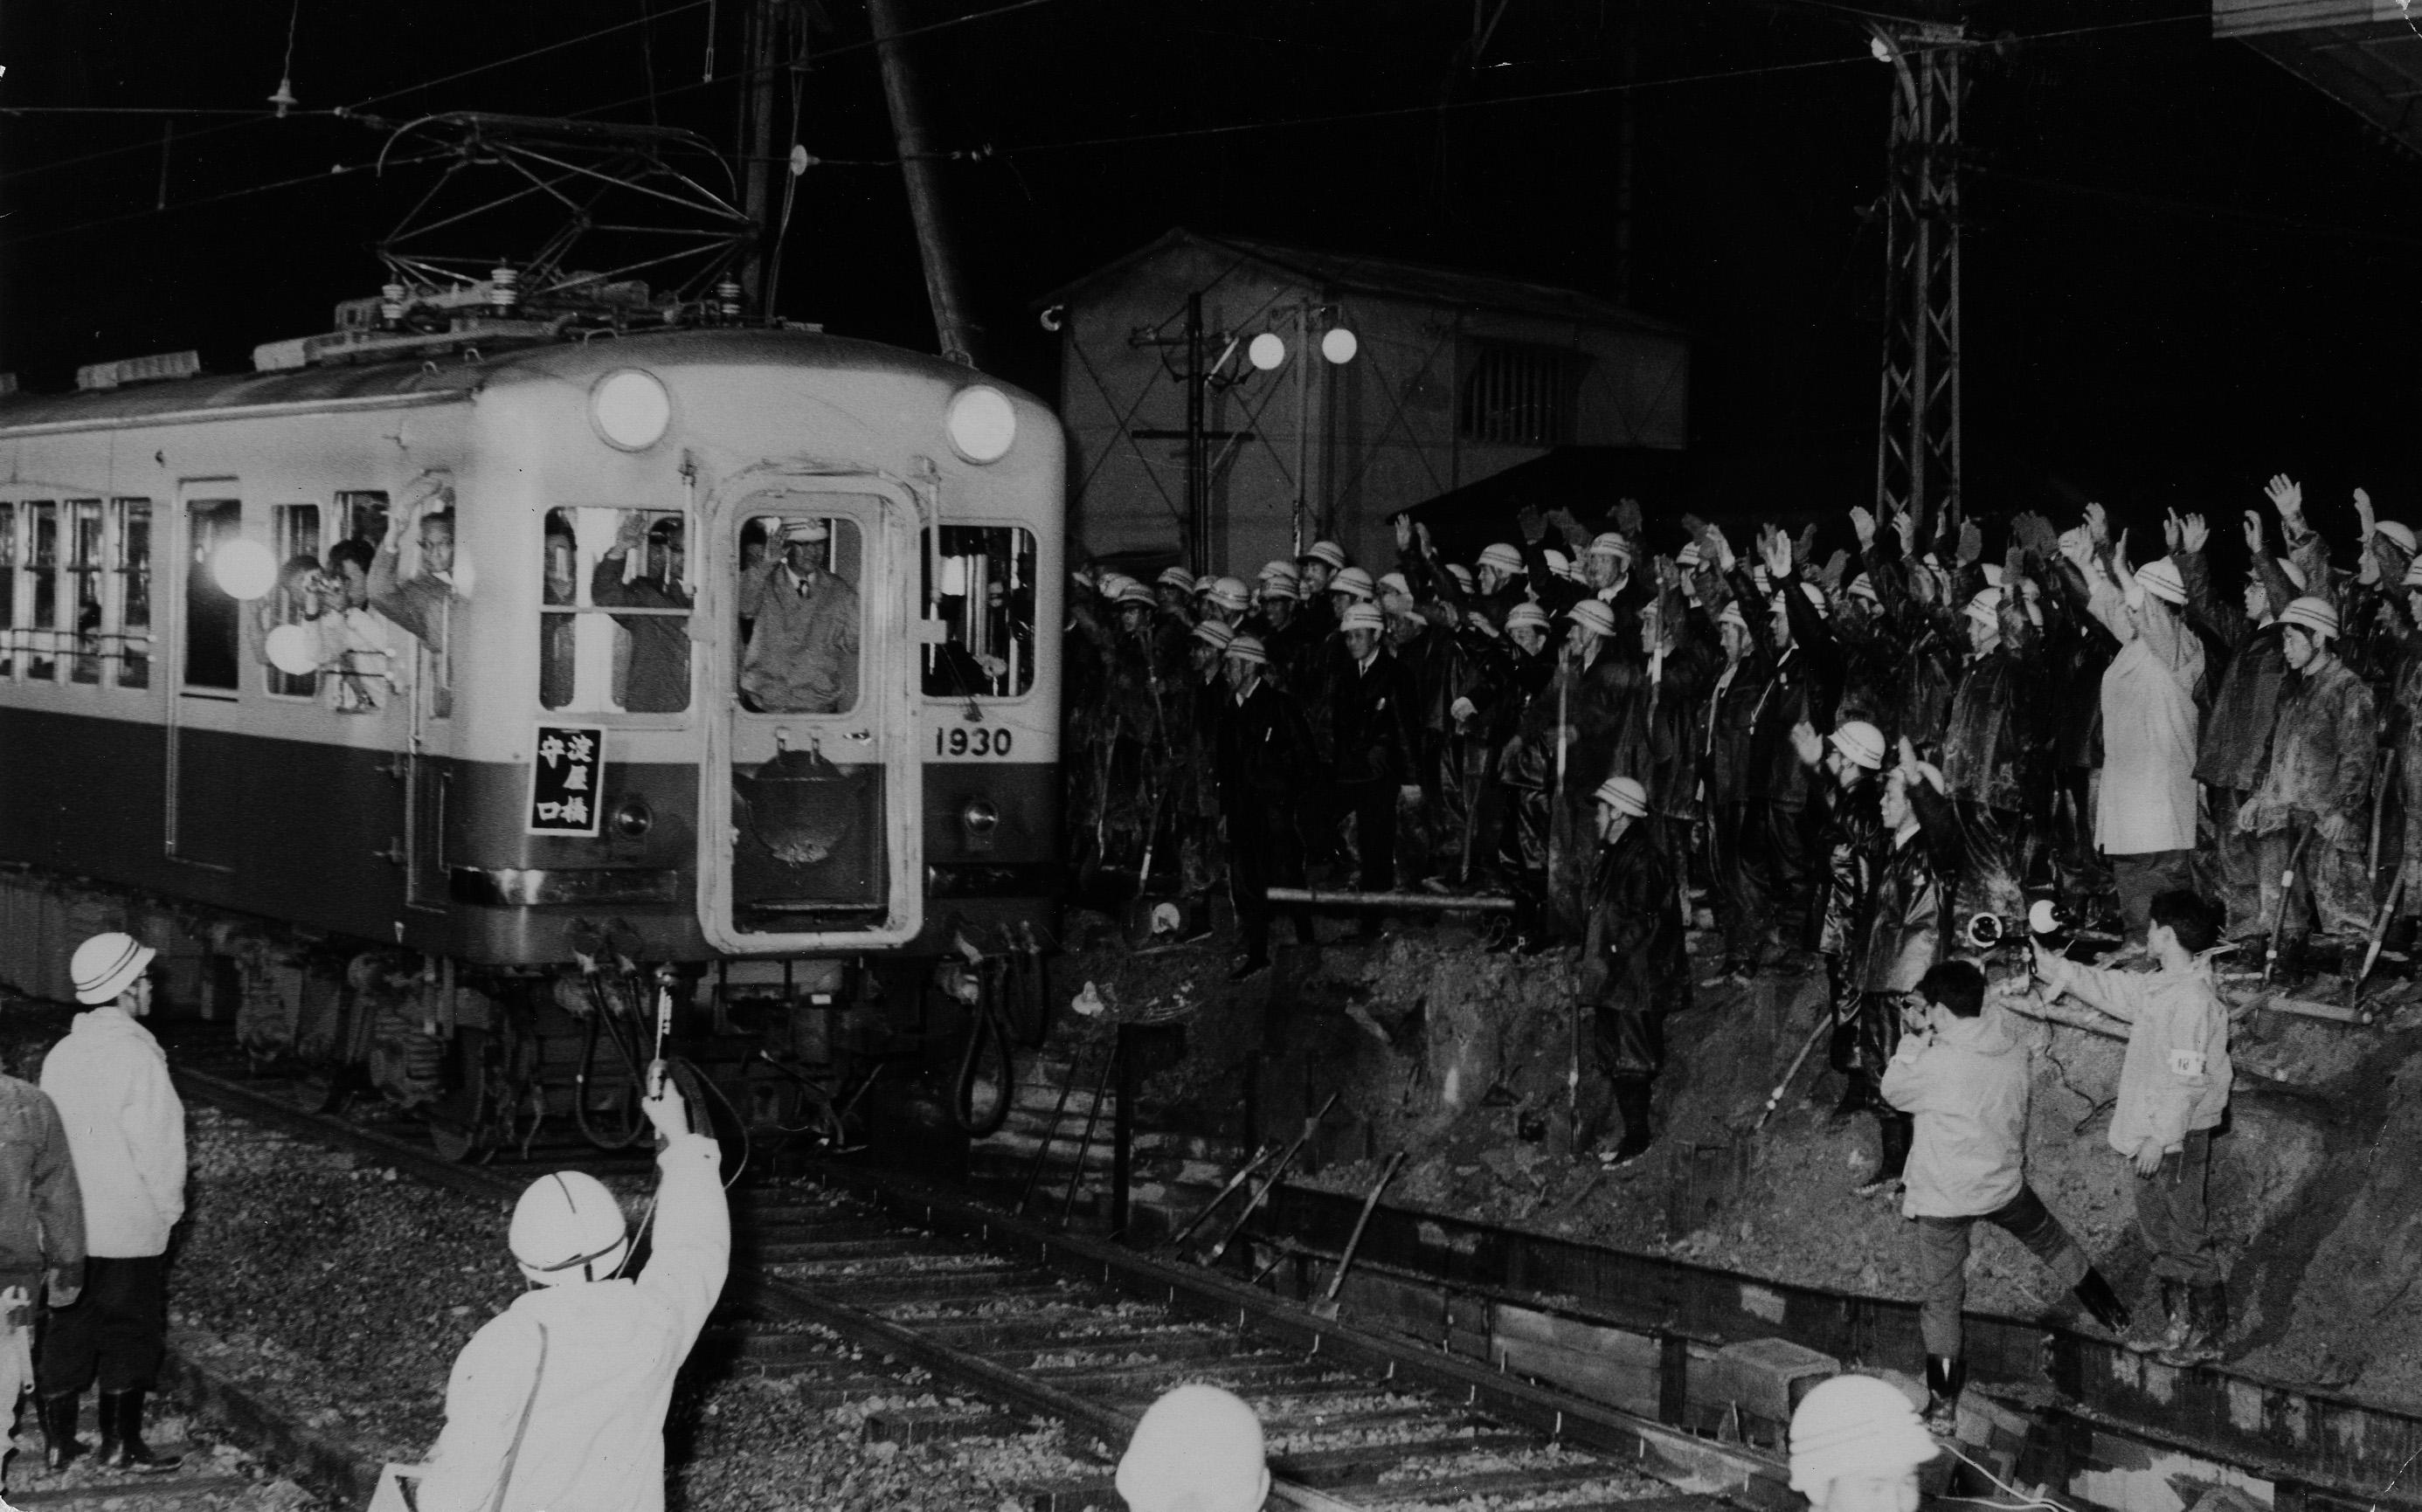 「鉄路と汗」(1963年、京阪電気鉄道株式会社)スチル